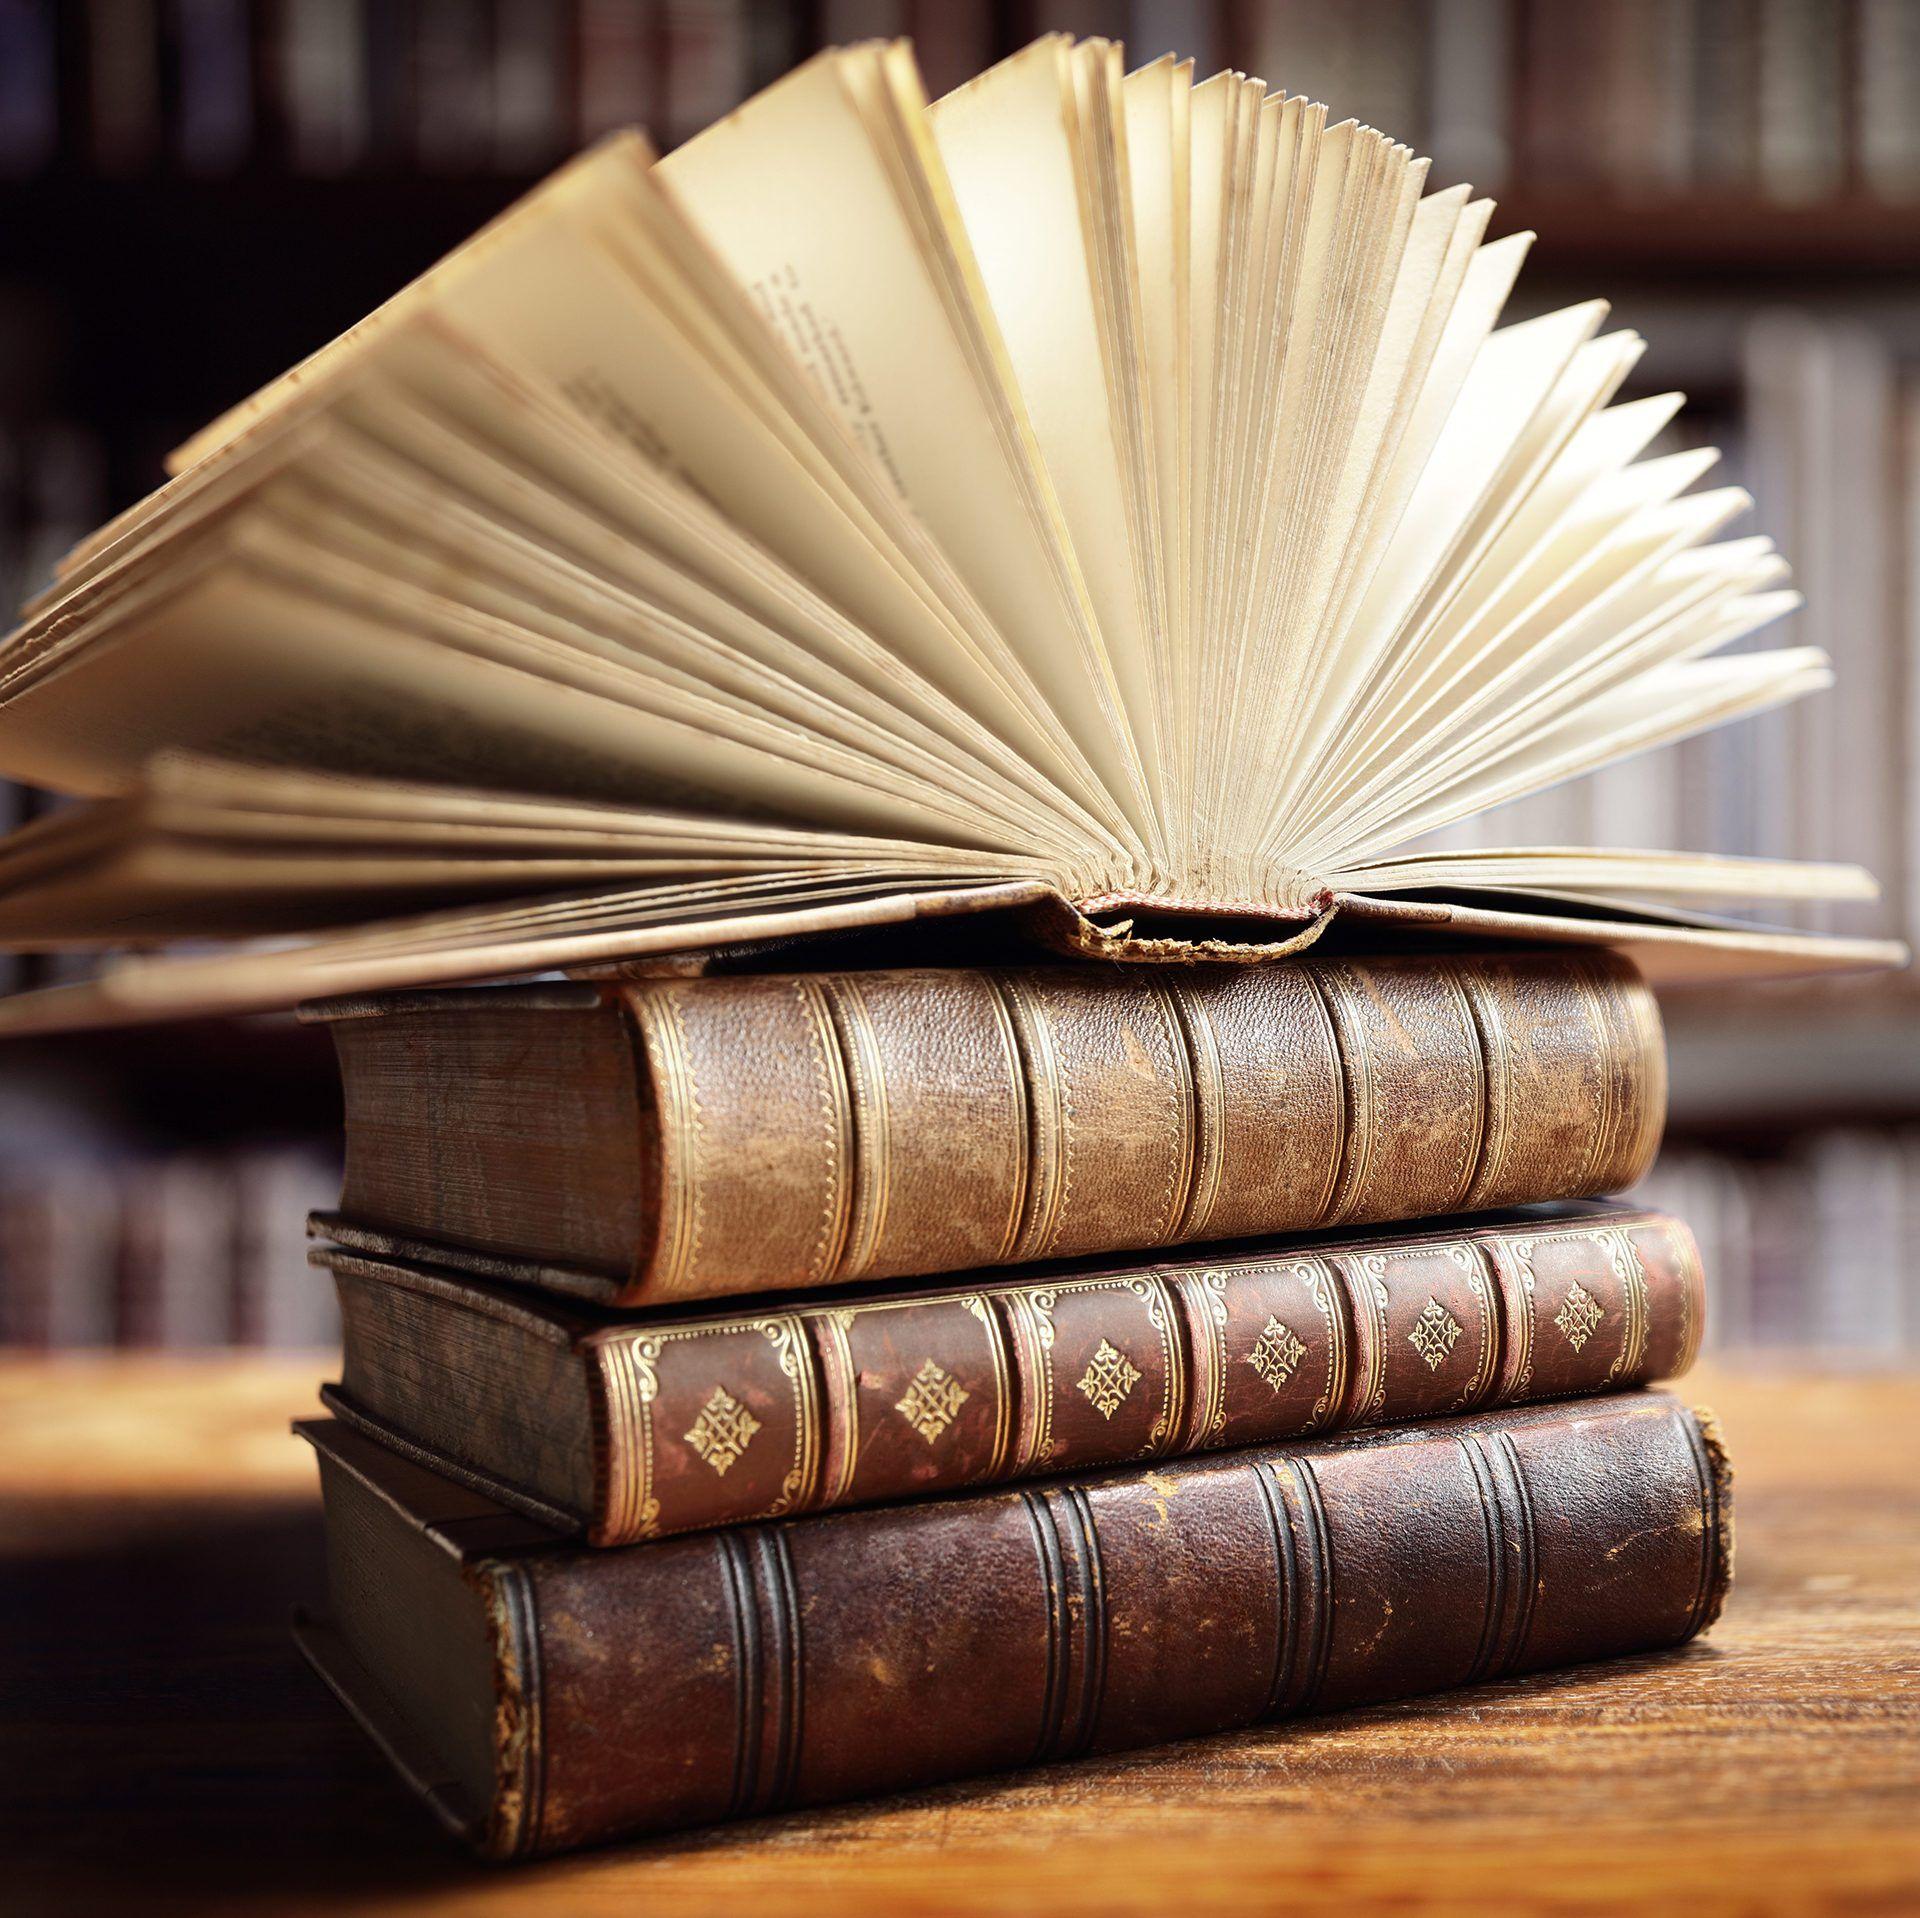 Картинки «Старинные книги» (34 фото) | Книги, Стопка книг ...